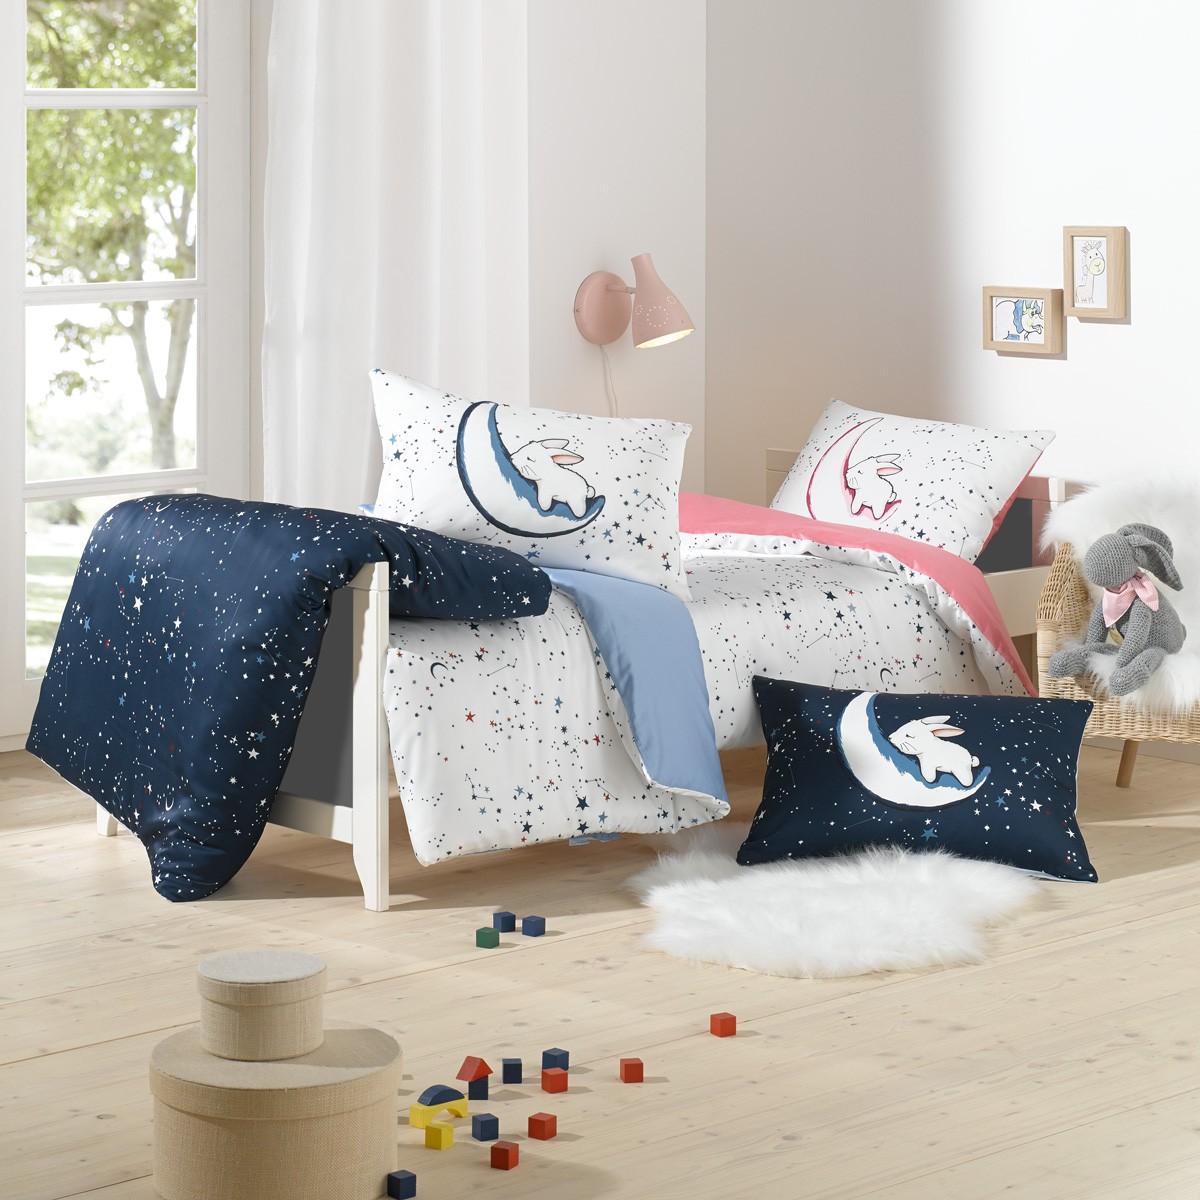 Kinderbettwäsche 100x135cm | bettwaesche-mit-stil.de